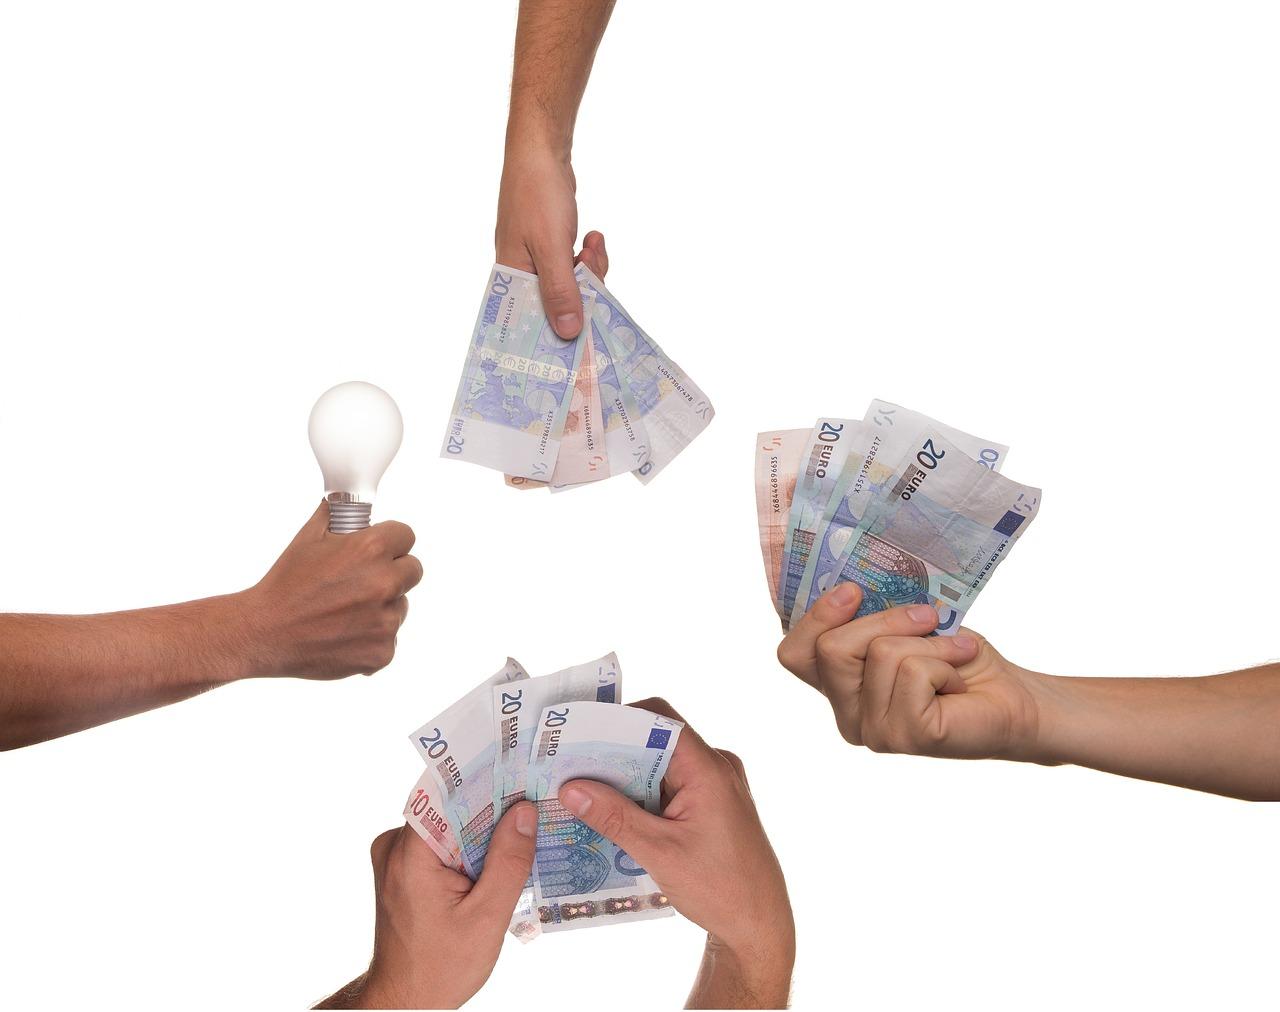 Financement participatif, toujours plus d'adhérents